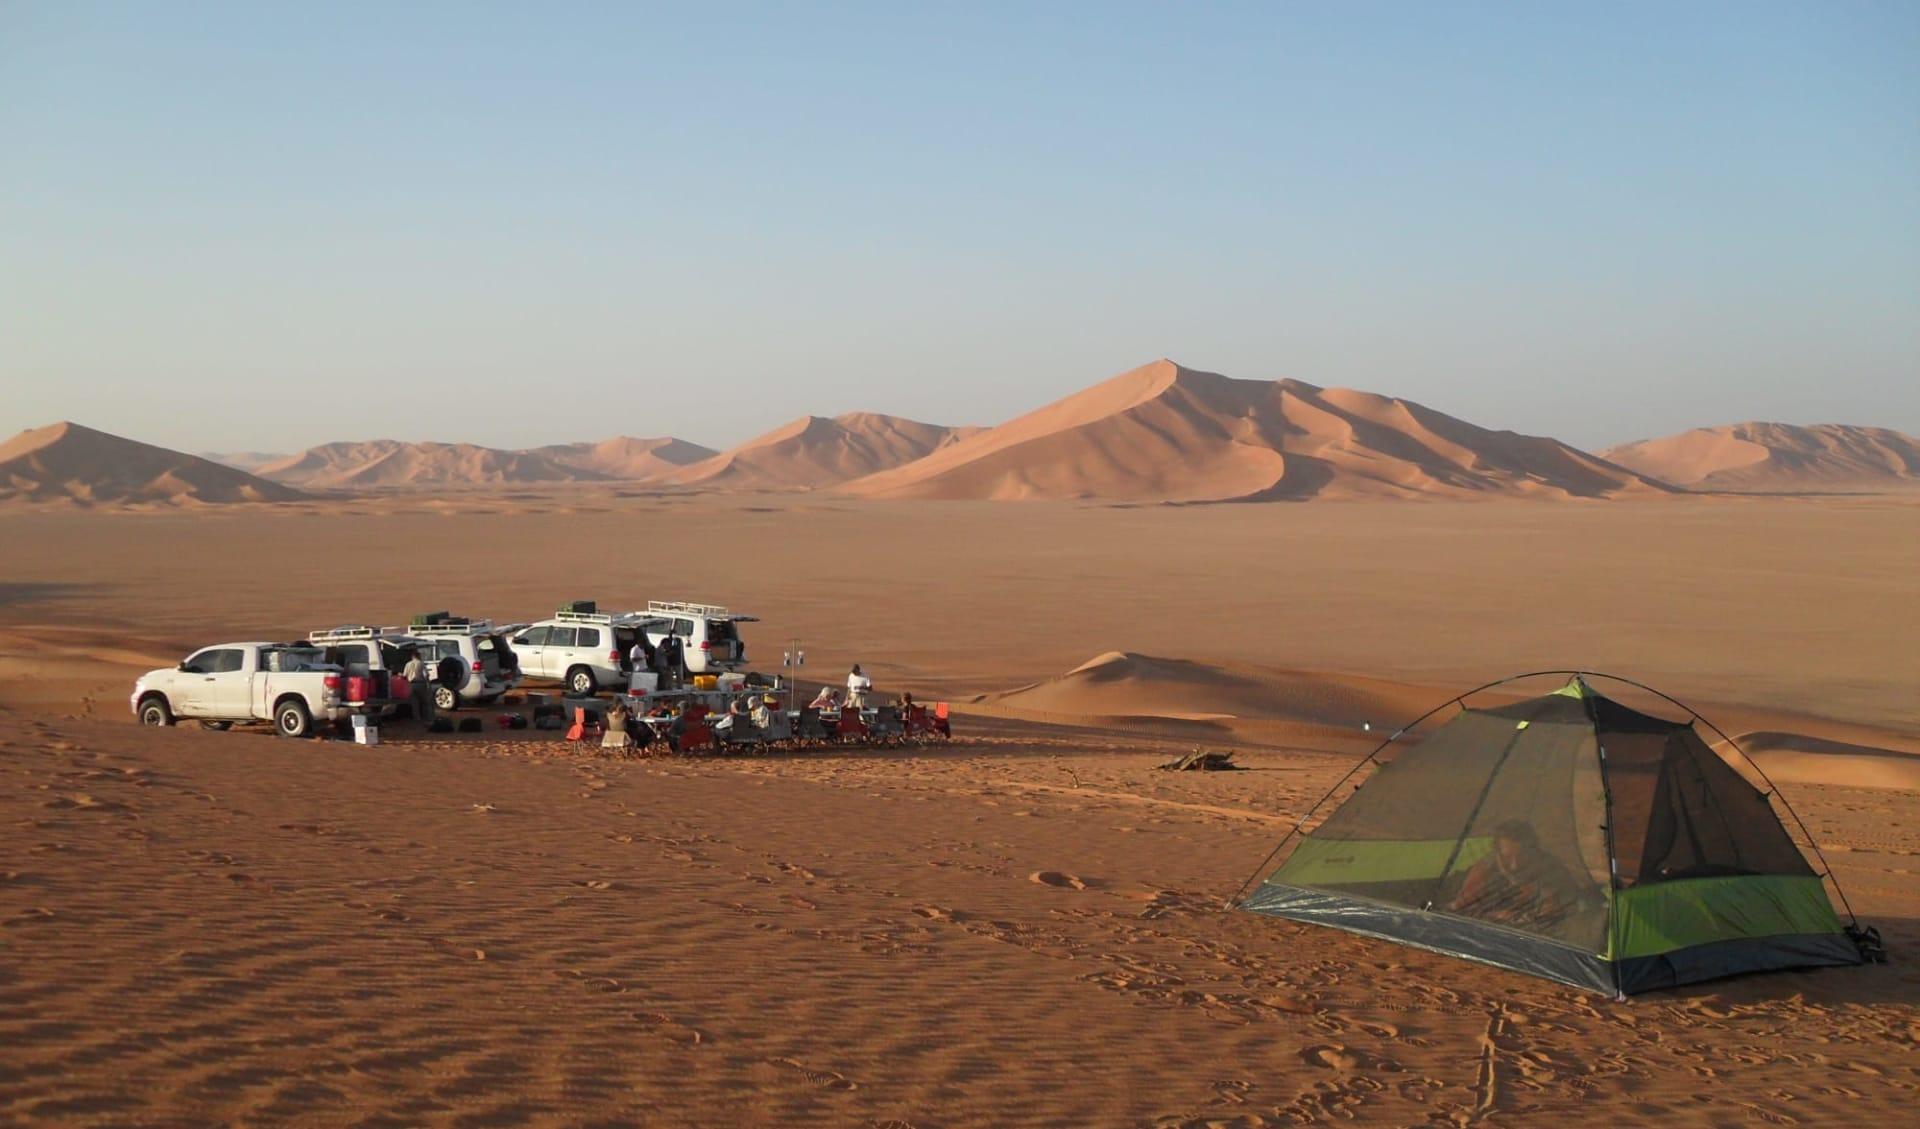 Abenteuer mit dem Wüstenschiff ab Muscat: Oman Camping in the desert